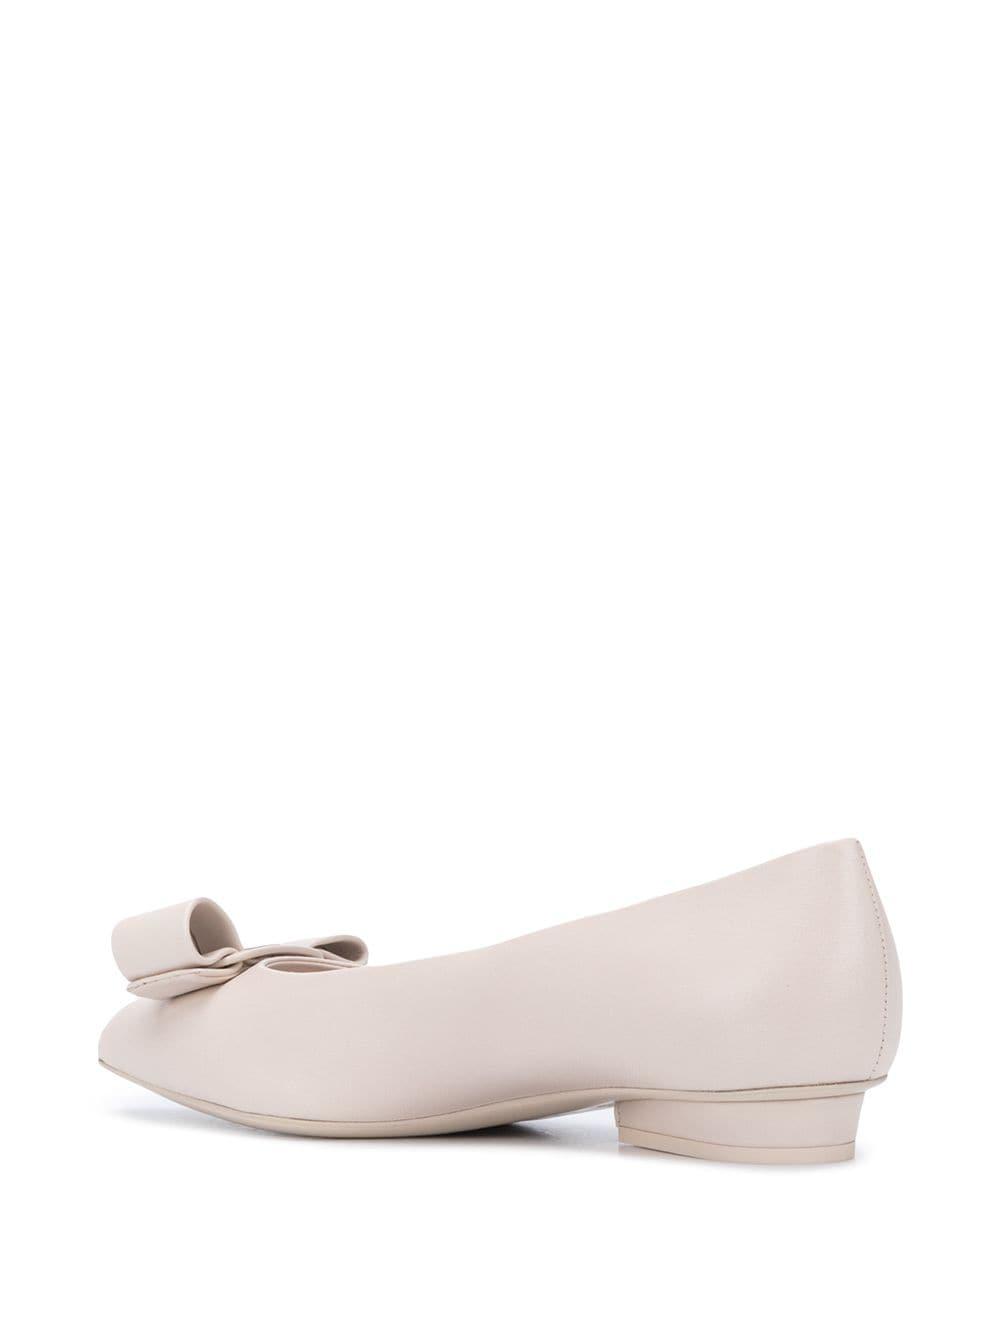 Picture of Ferragamo   Viva Ballerina Shoes